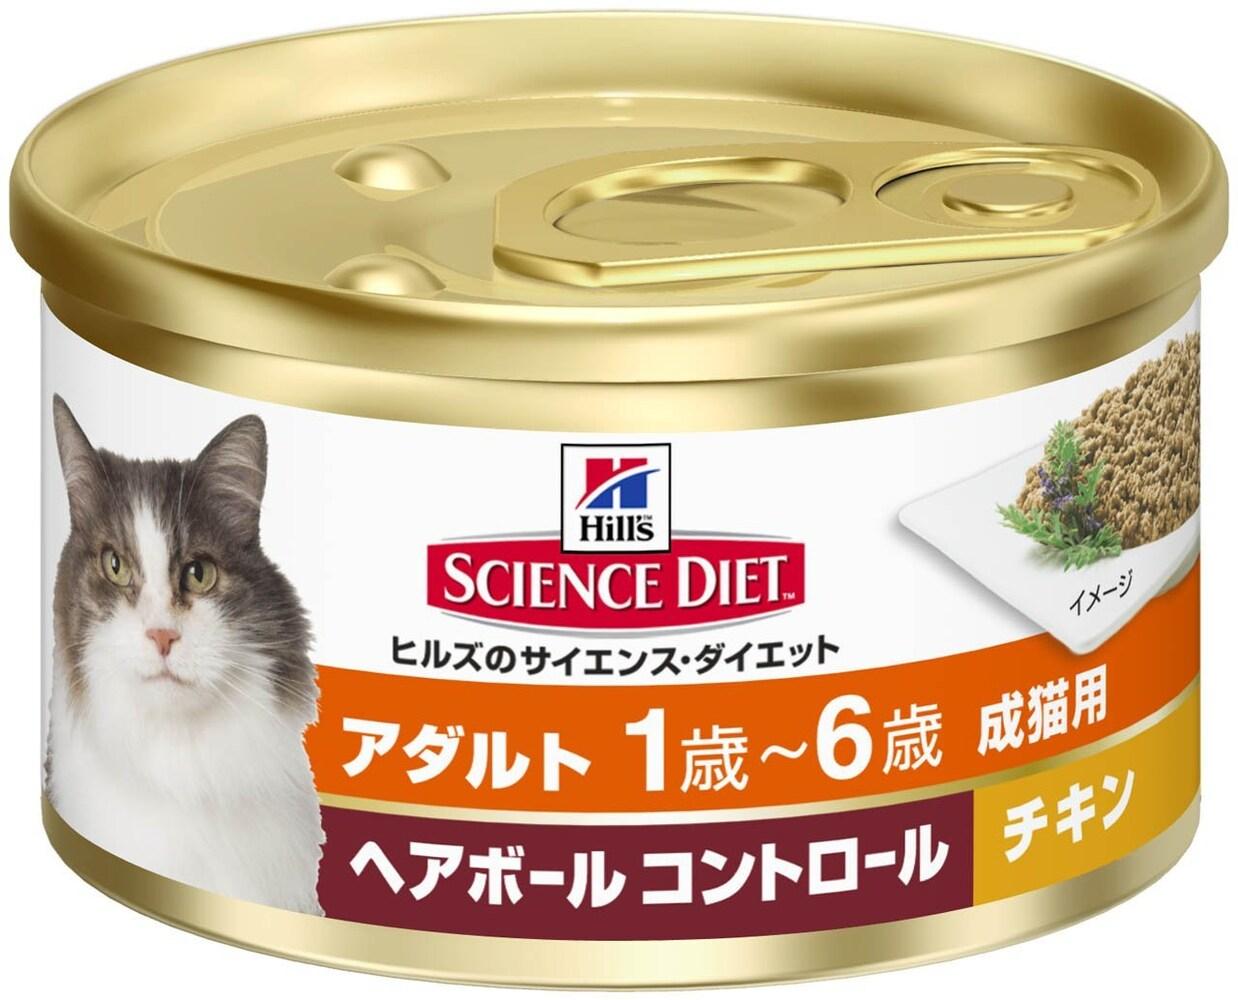 サイエンスダイエット キャットフードシリーズ 缶